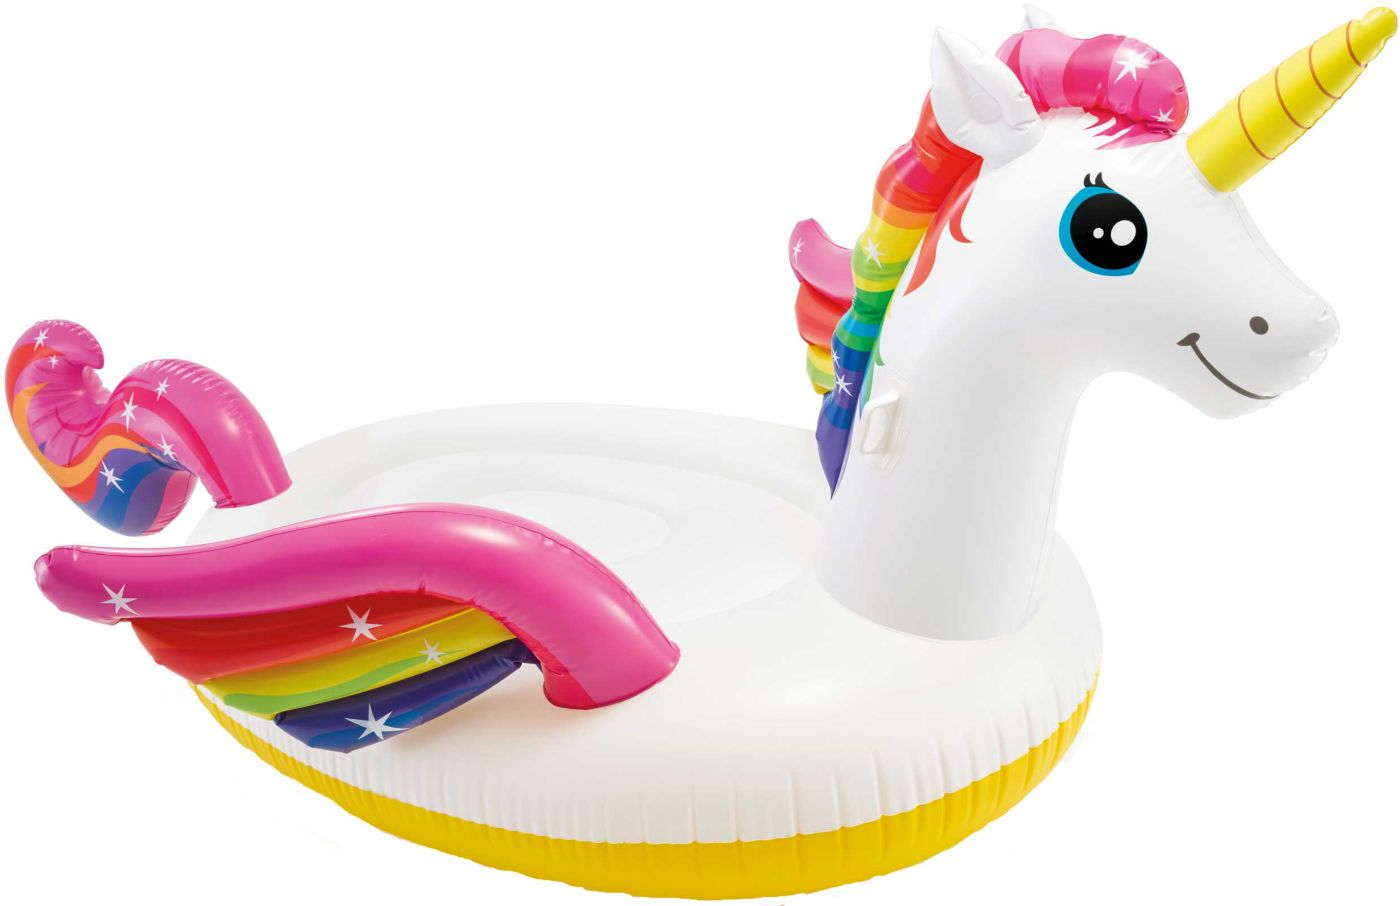 Intex Mega Unicorn Inflatable Pool Float